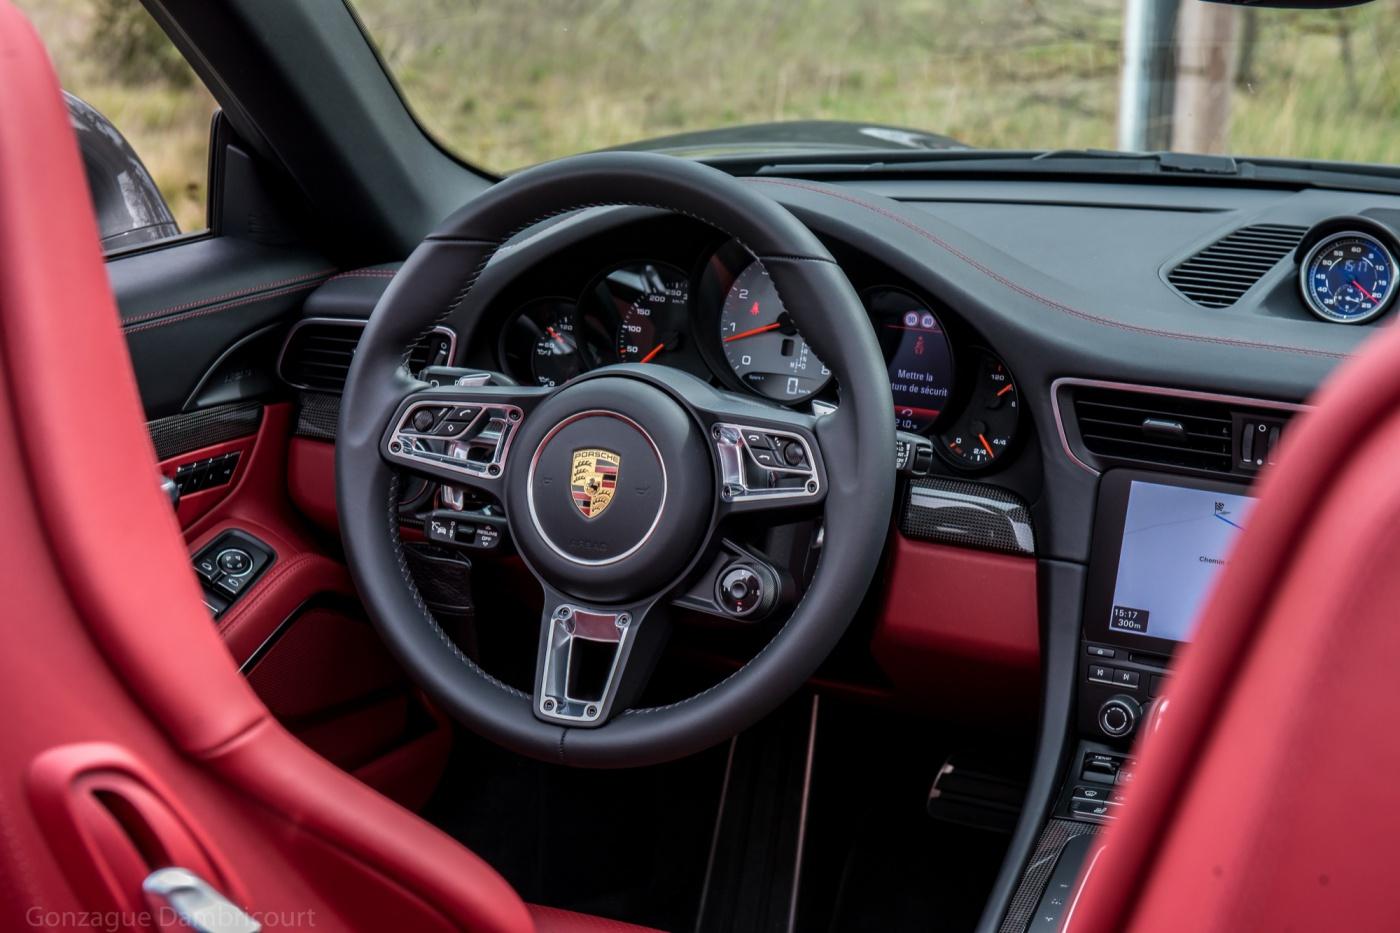 Porsche_911_2016_Gonzague-30